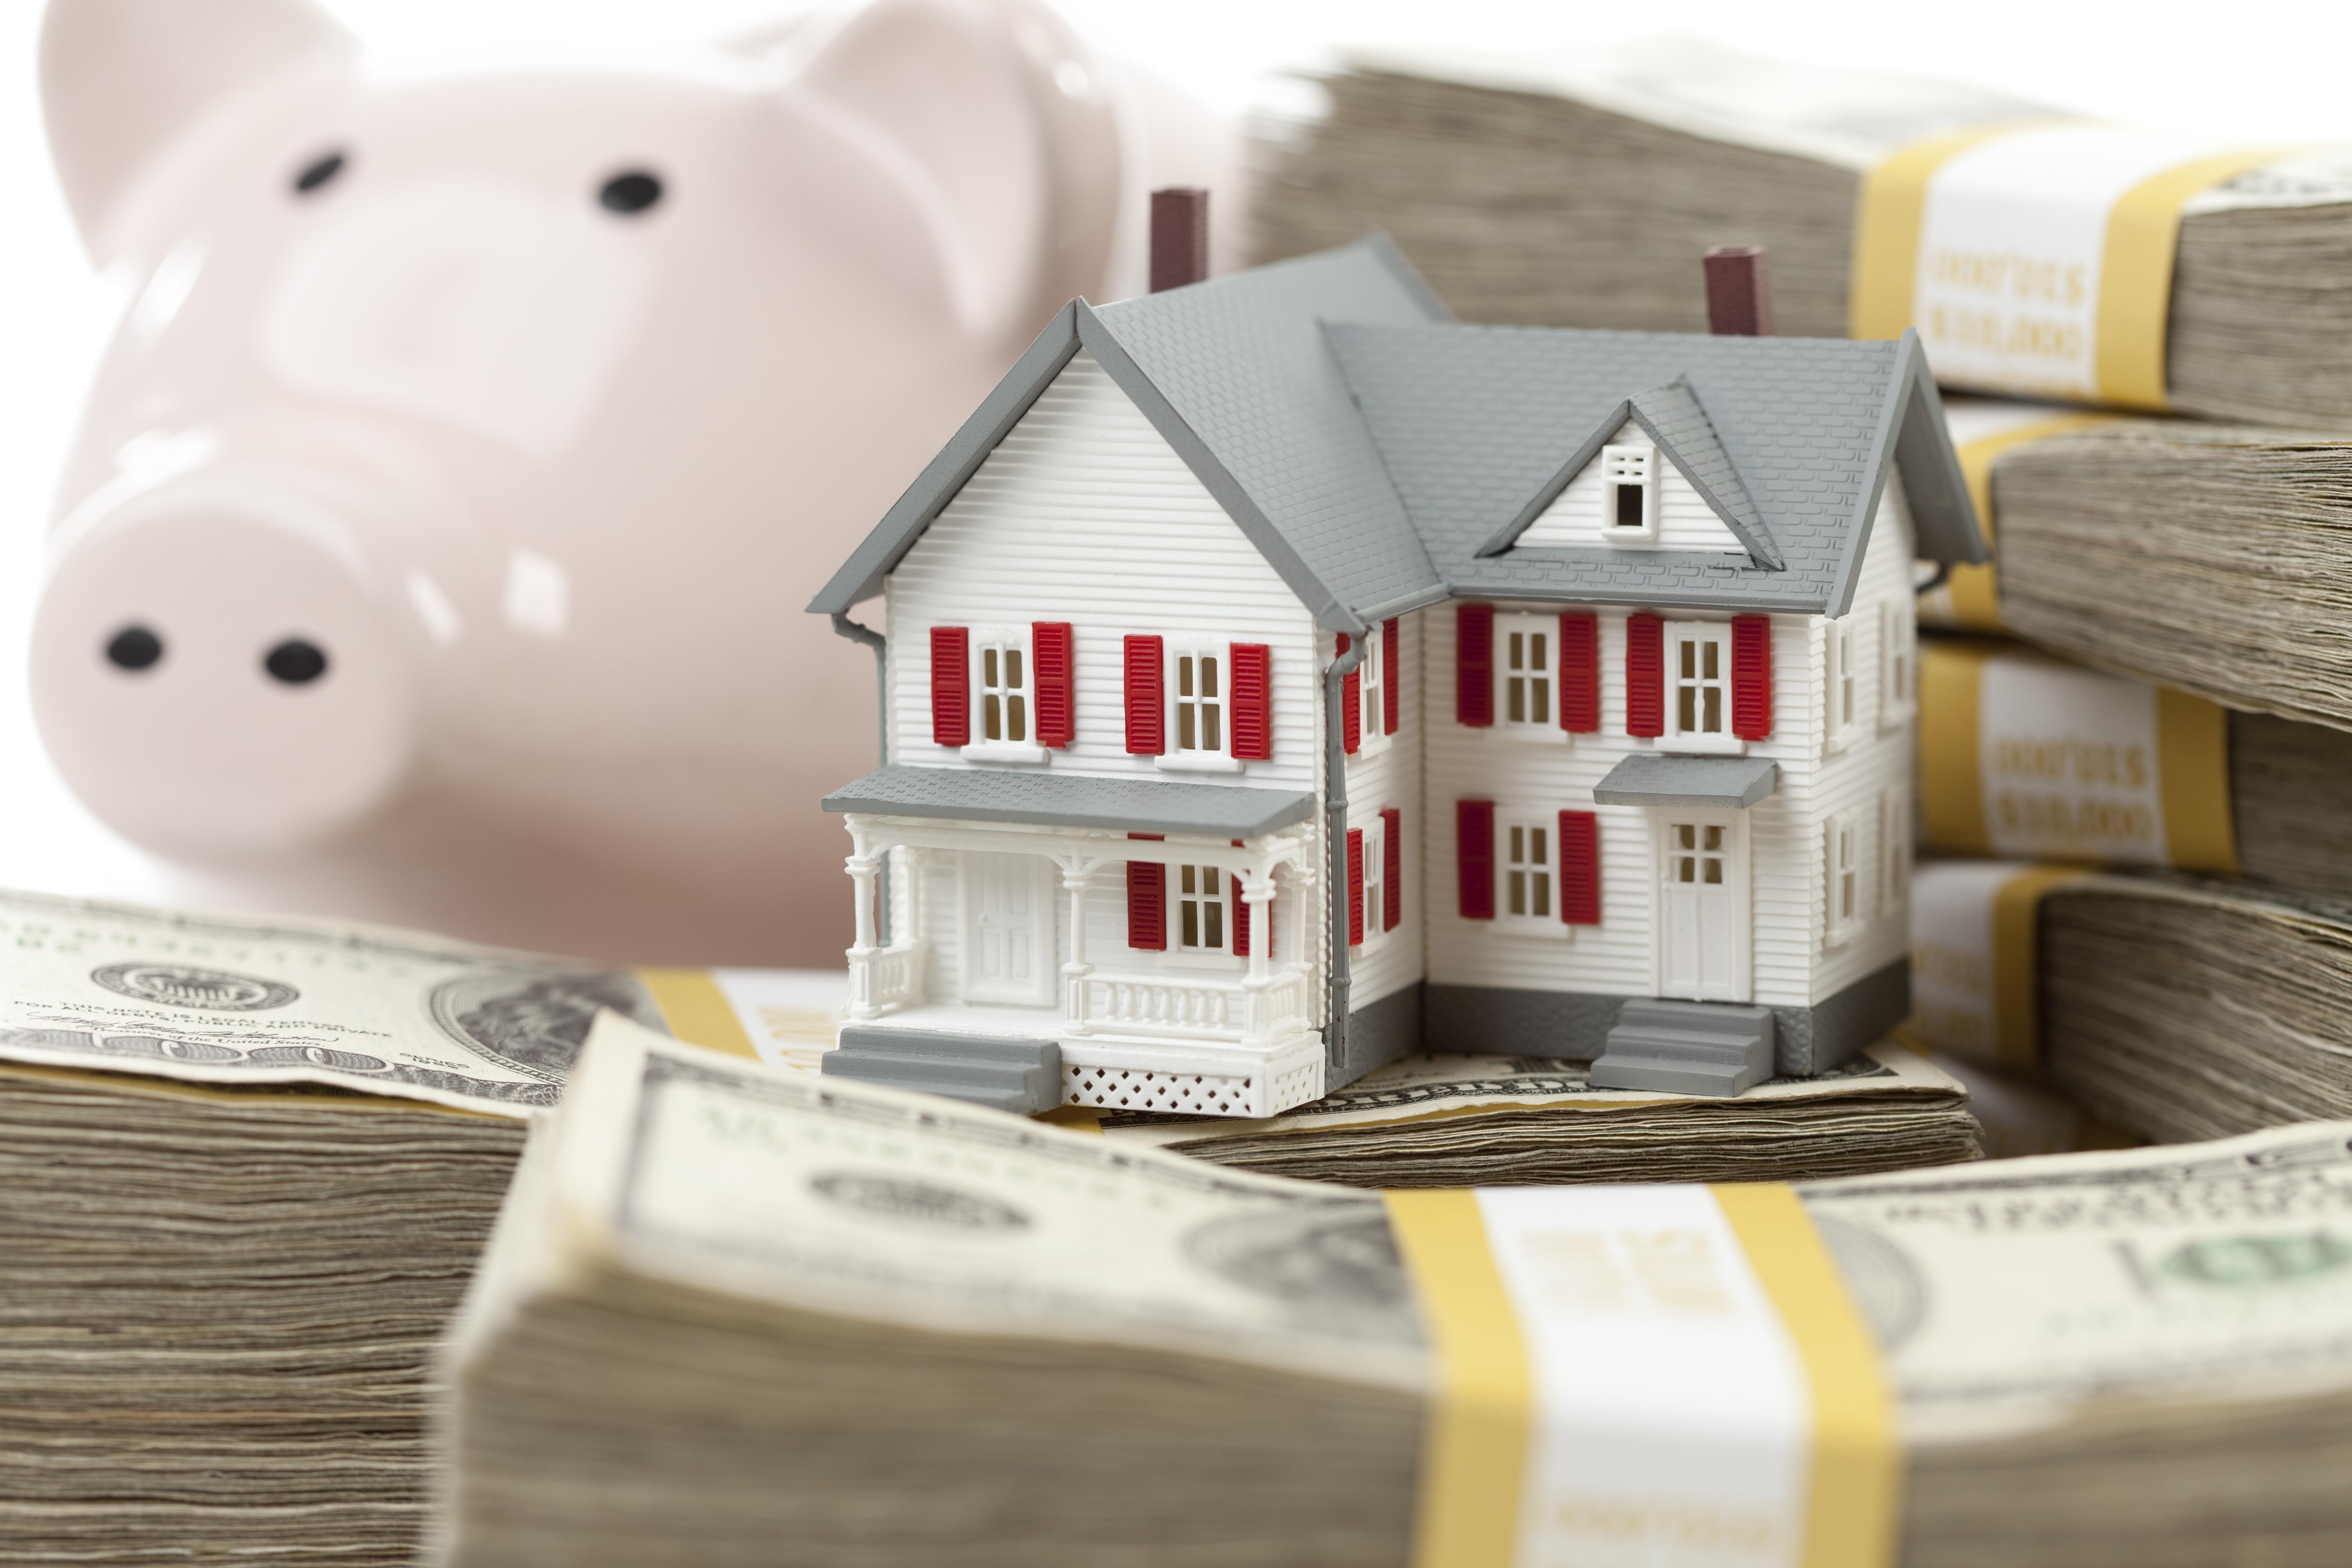 What's your home worth today? - Quel est la veleur de ma propriété aujourd'hui?